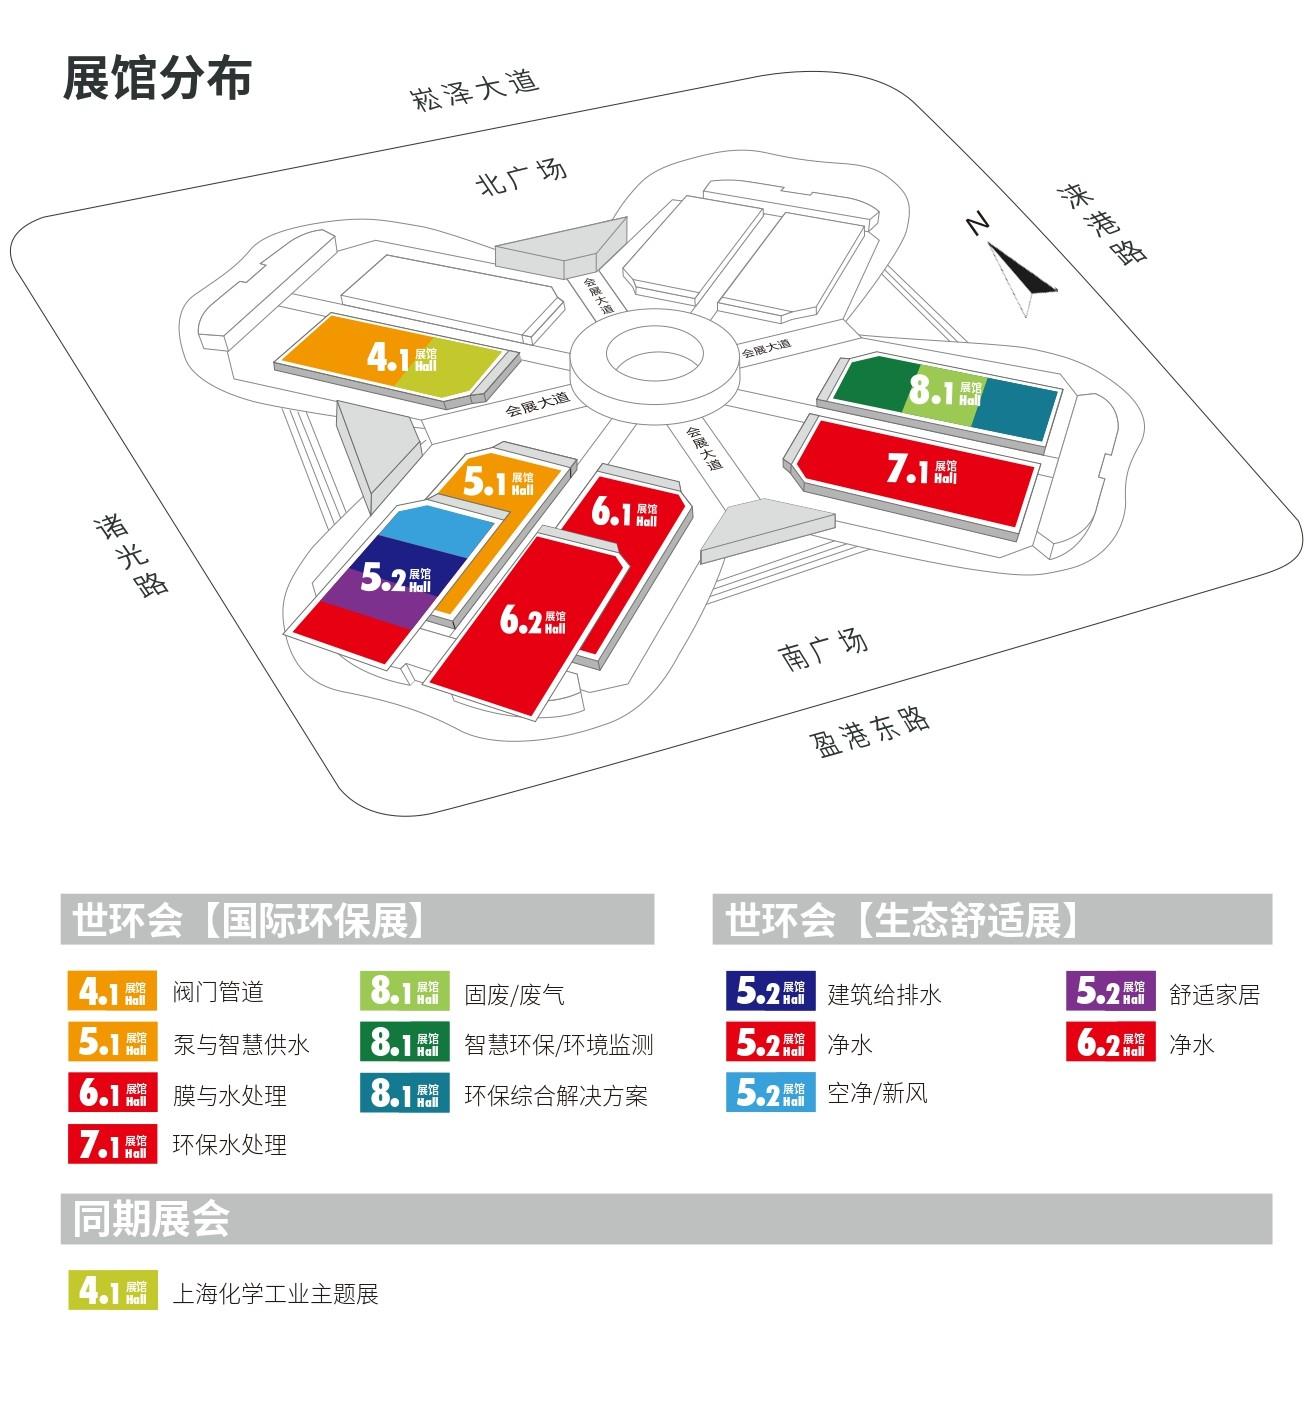 上??諝馀c新風展覽會AIRVENTEC CHINA